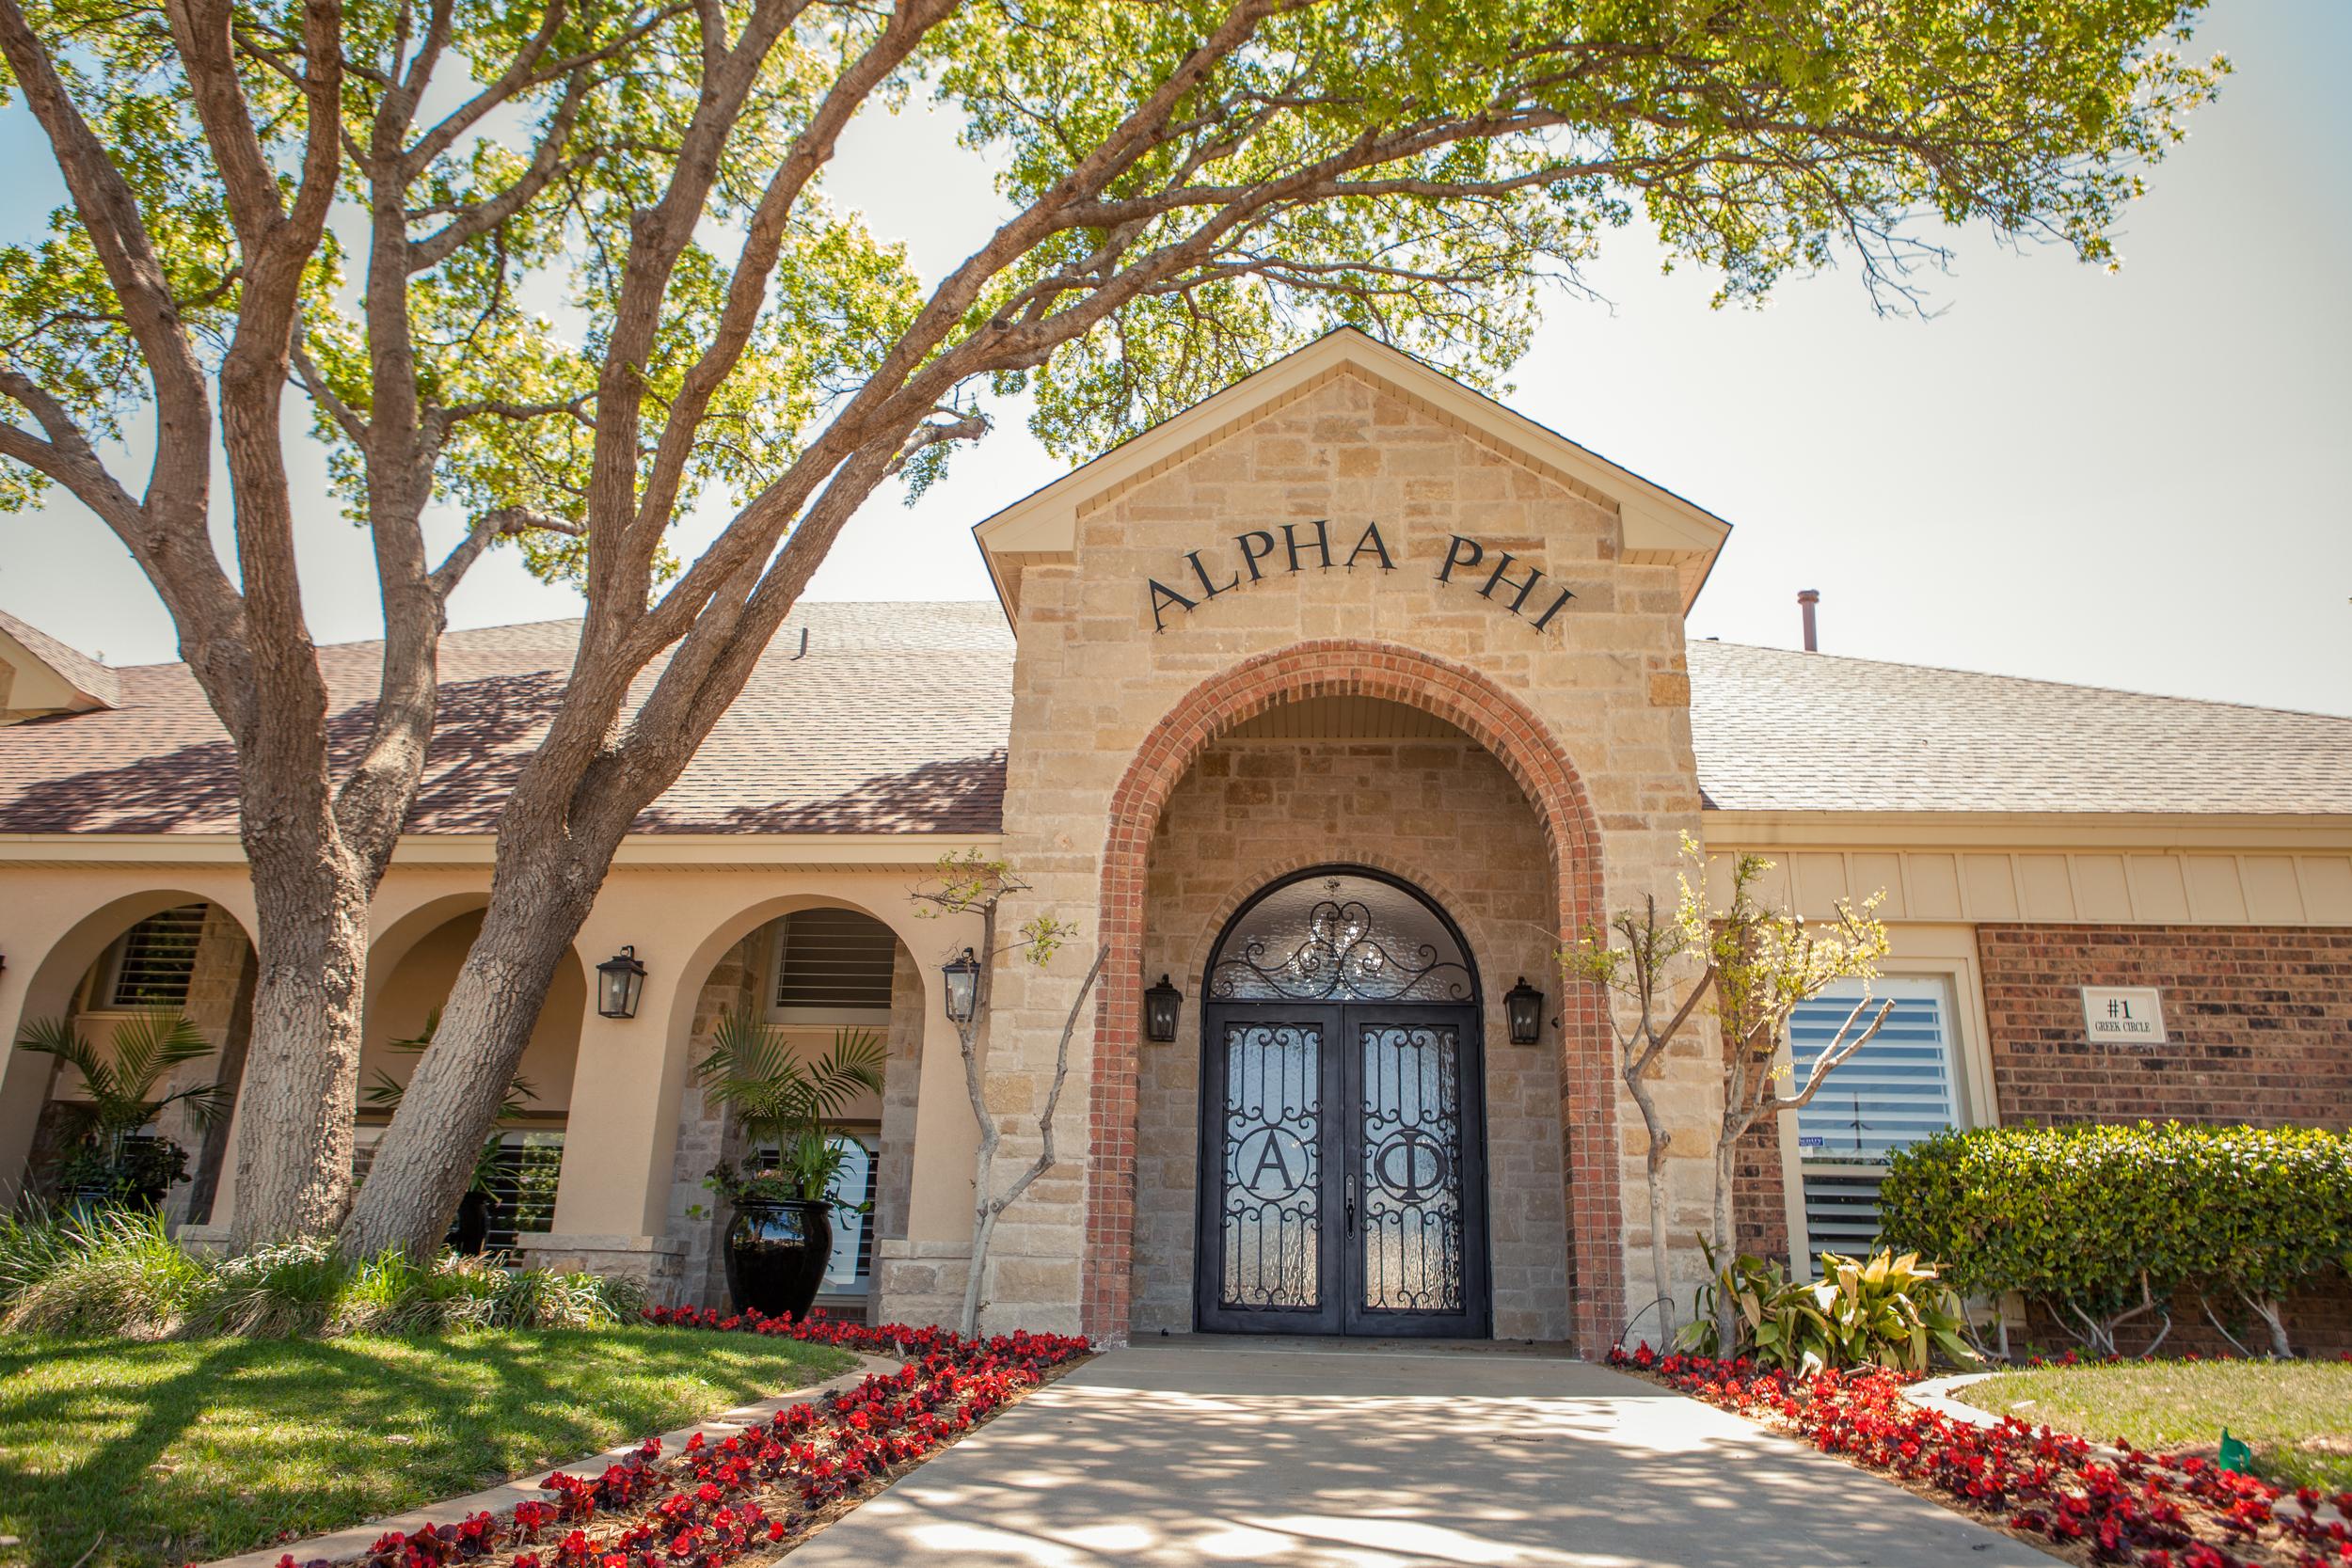 Alpha Phi Lodge Remodel-6.jpg